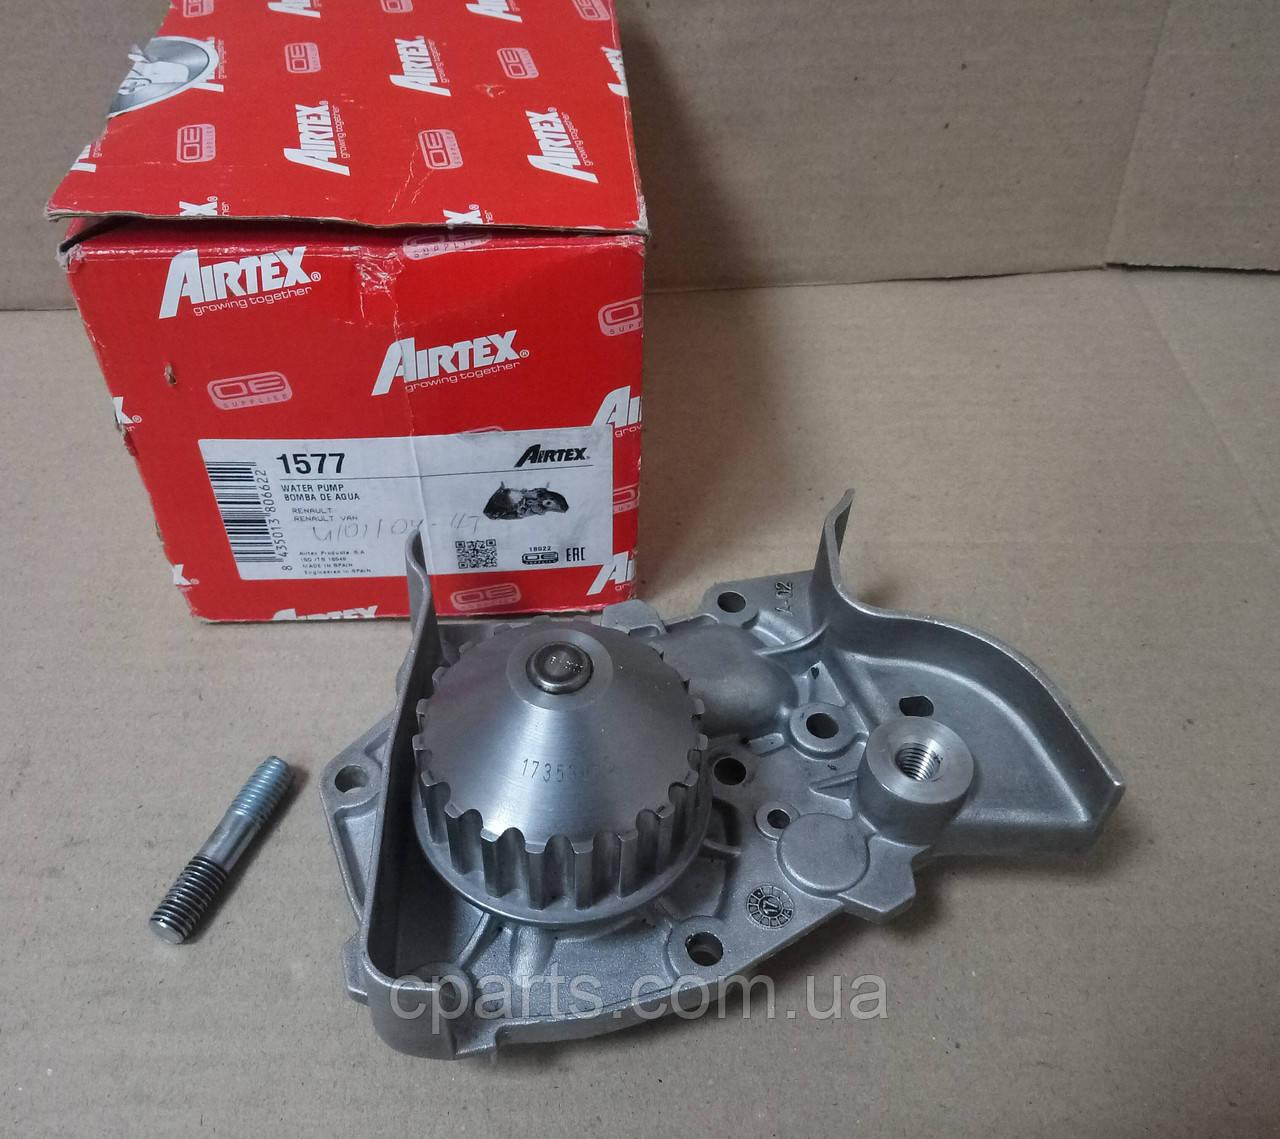 Помпа (водяной насос) Dacia Solenza (Airtex 1577)(высокое качество)